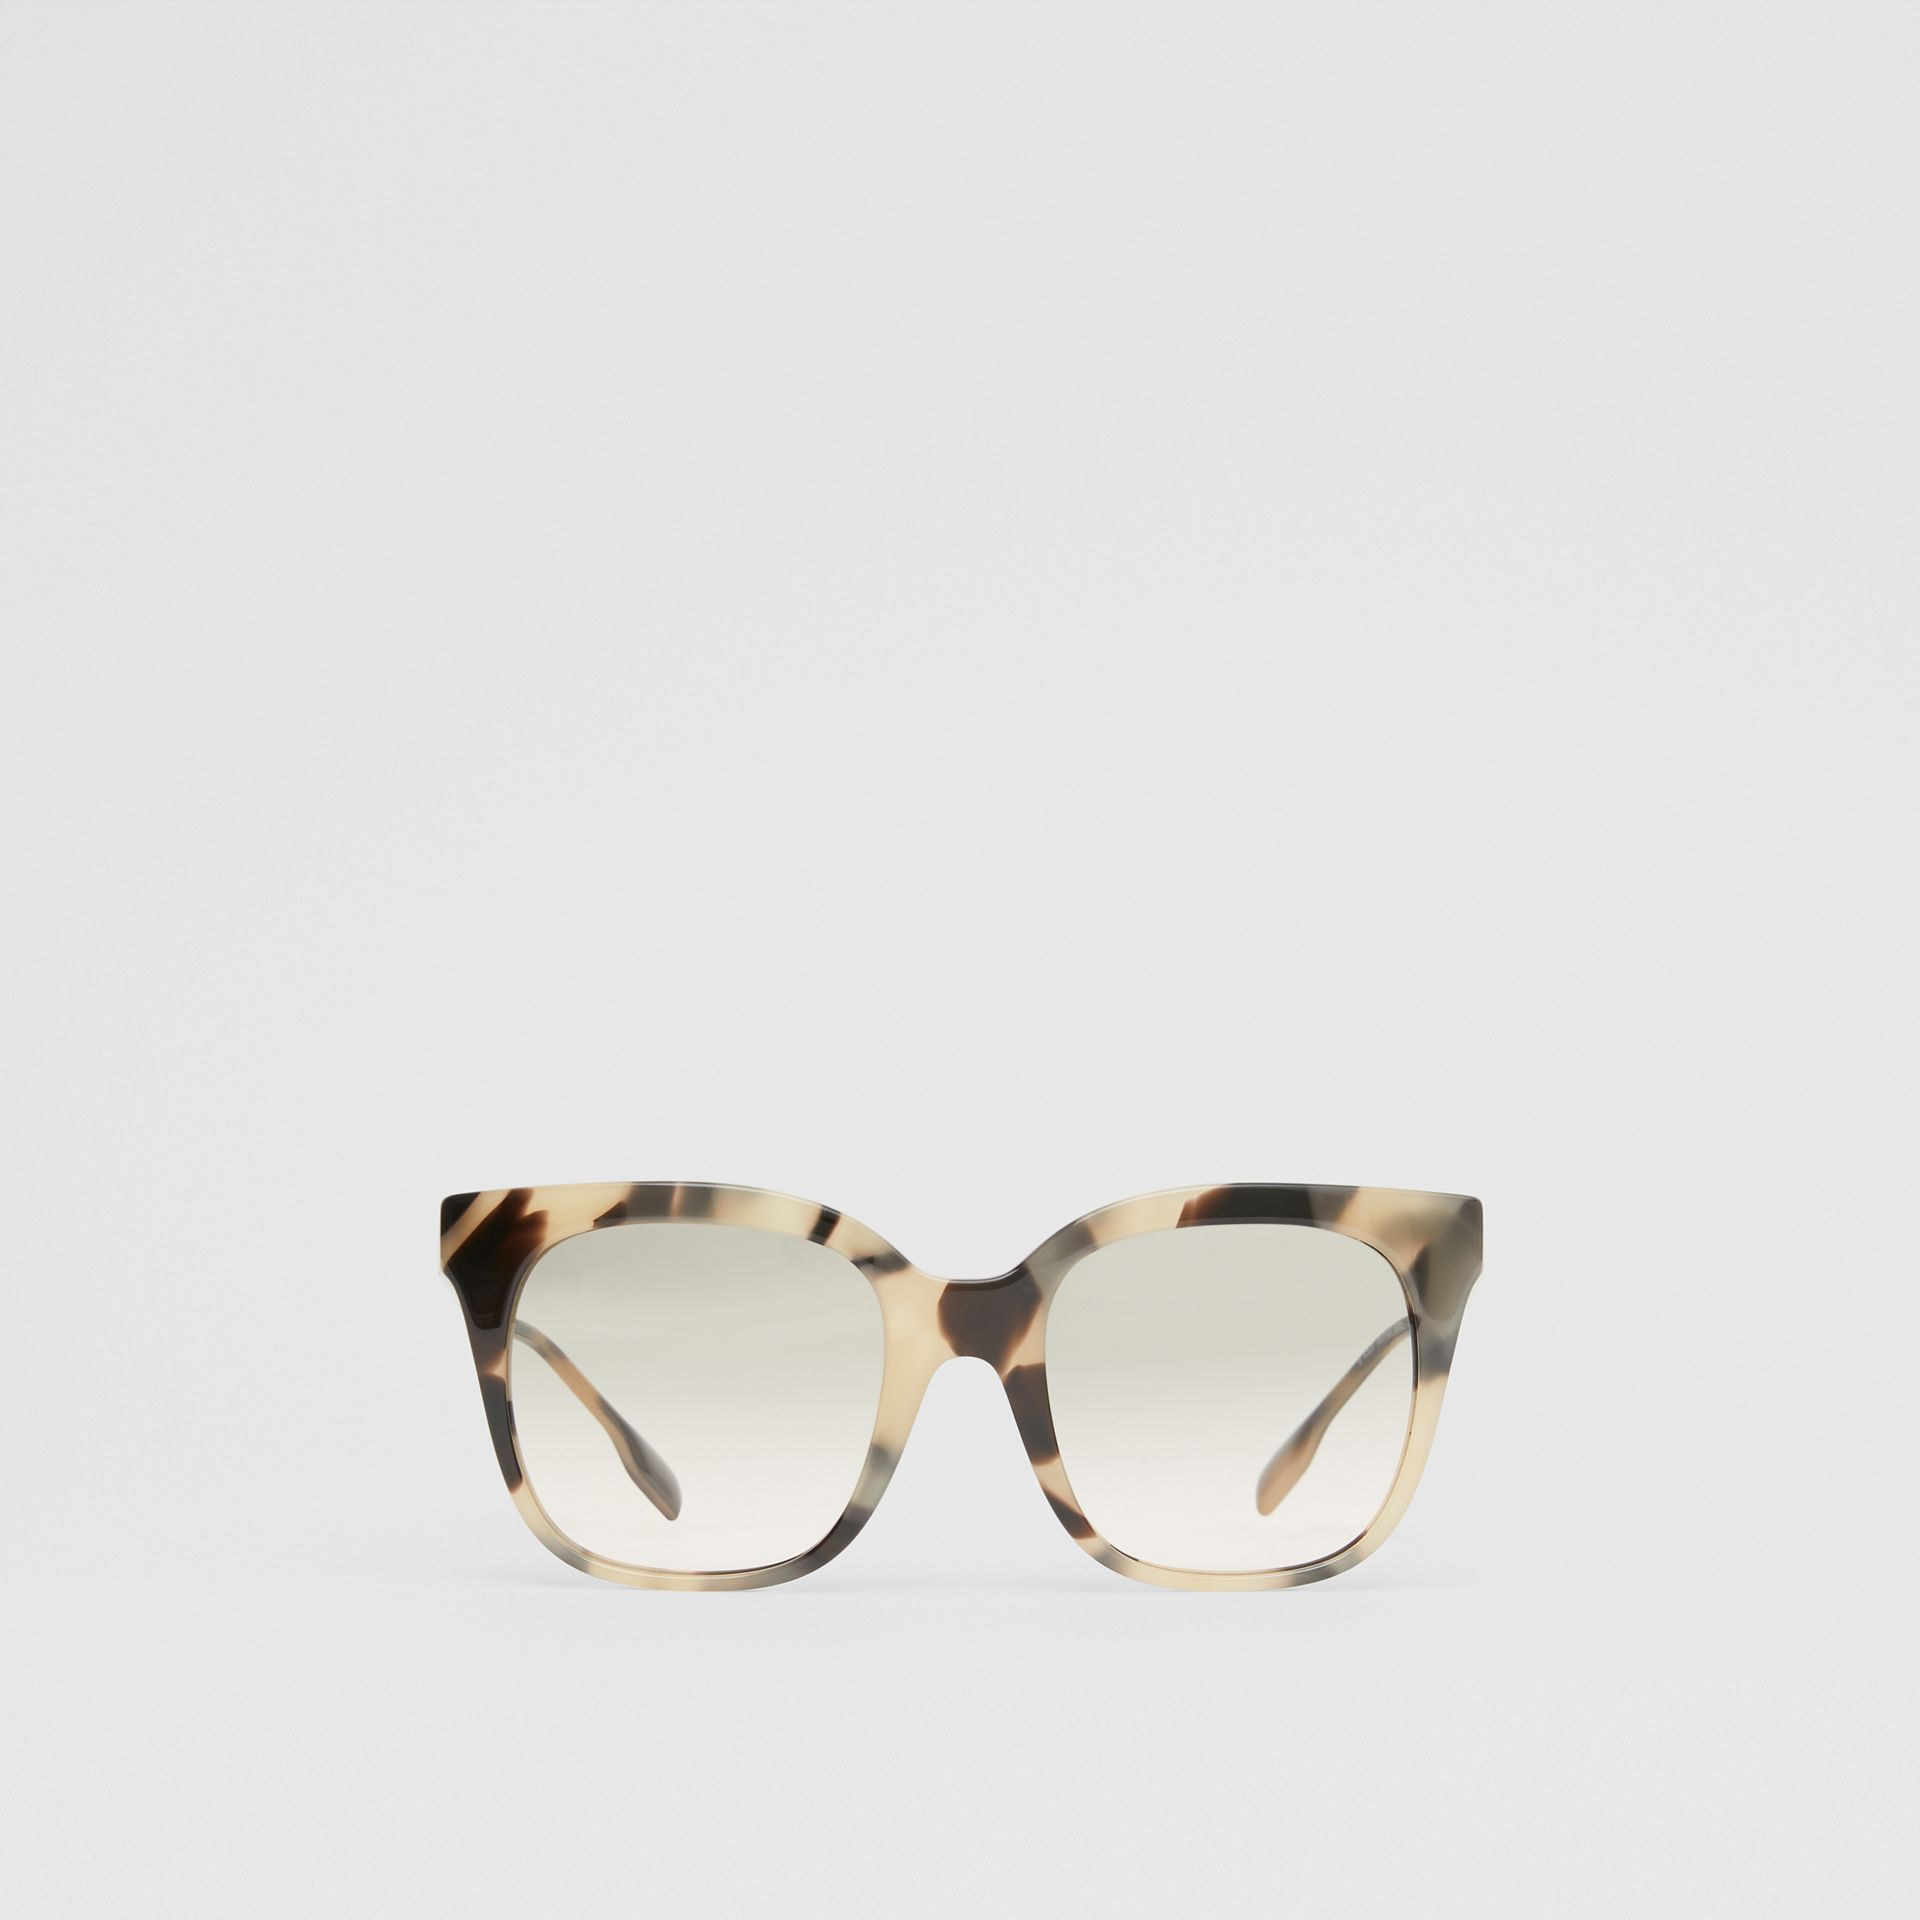 Butterfly Frame Sunglasses in Honey Tortoiseshell - Women | Burberry - gallery image 0